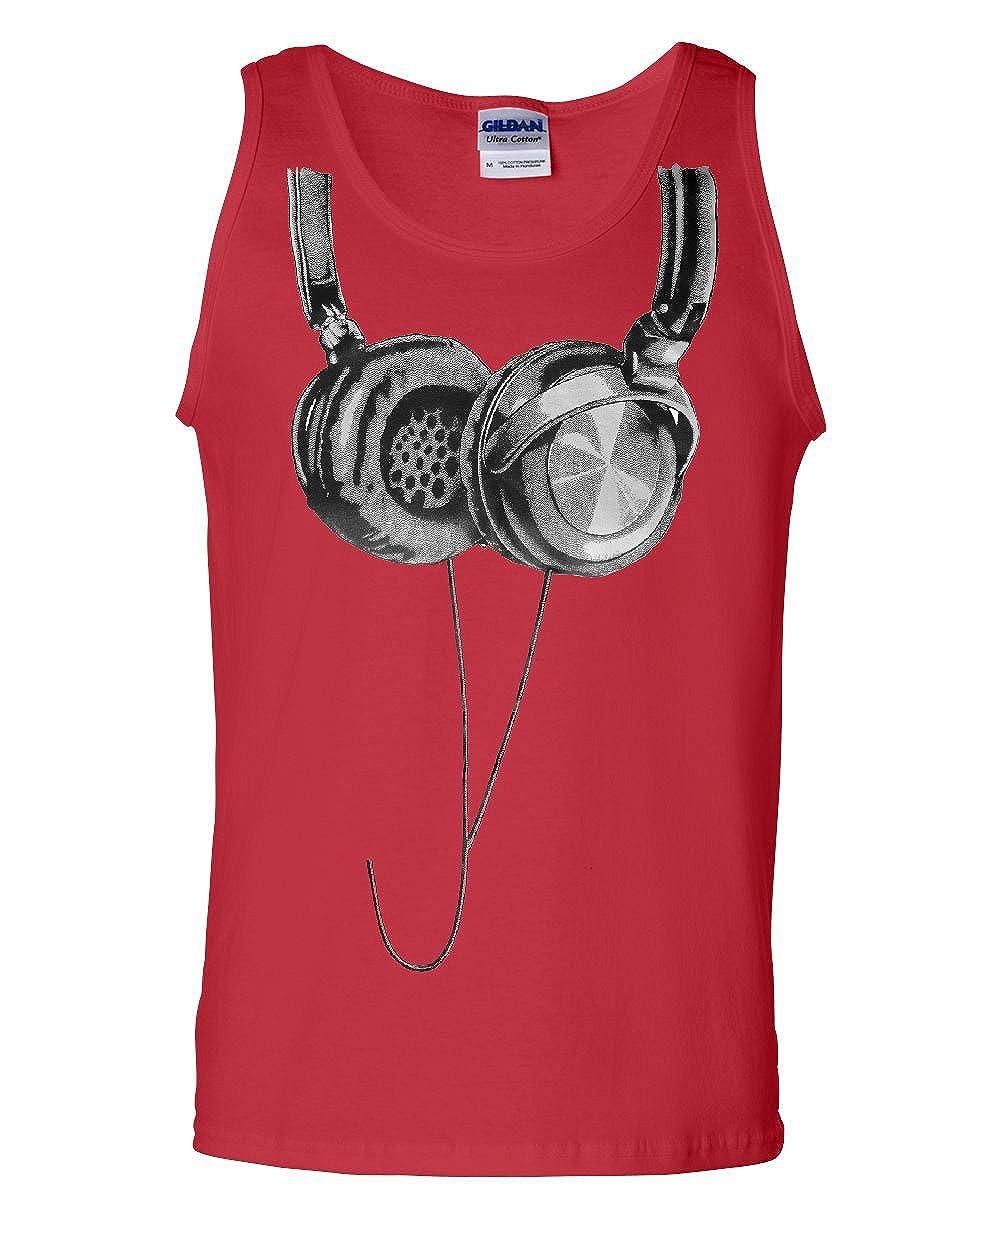 Tee Hunt Huge Hanging Headphones Tank Top DJ Music